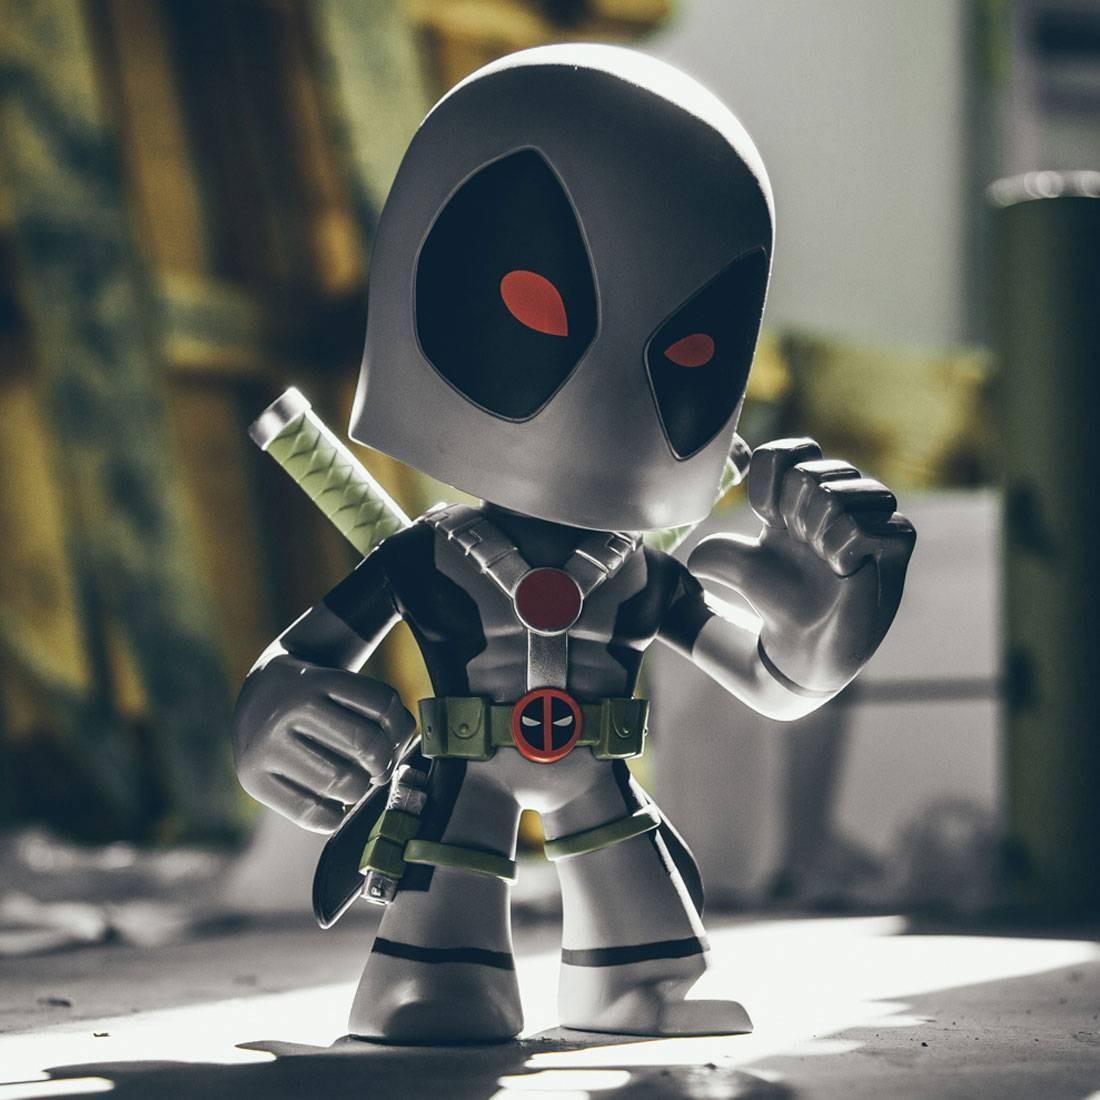 BAIT WonderCon Exclusive x Funko Marvel Deadpool Super Deluxe 9 Inch Vinyl Figure - X-Force (gray / red)